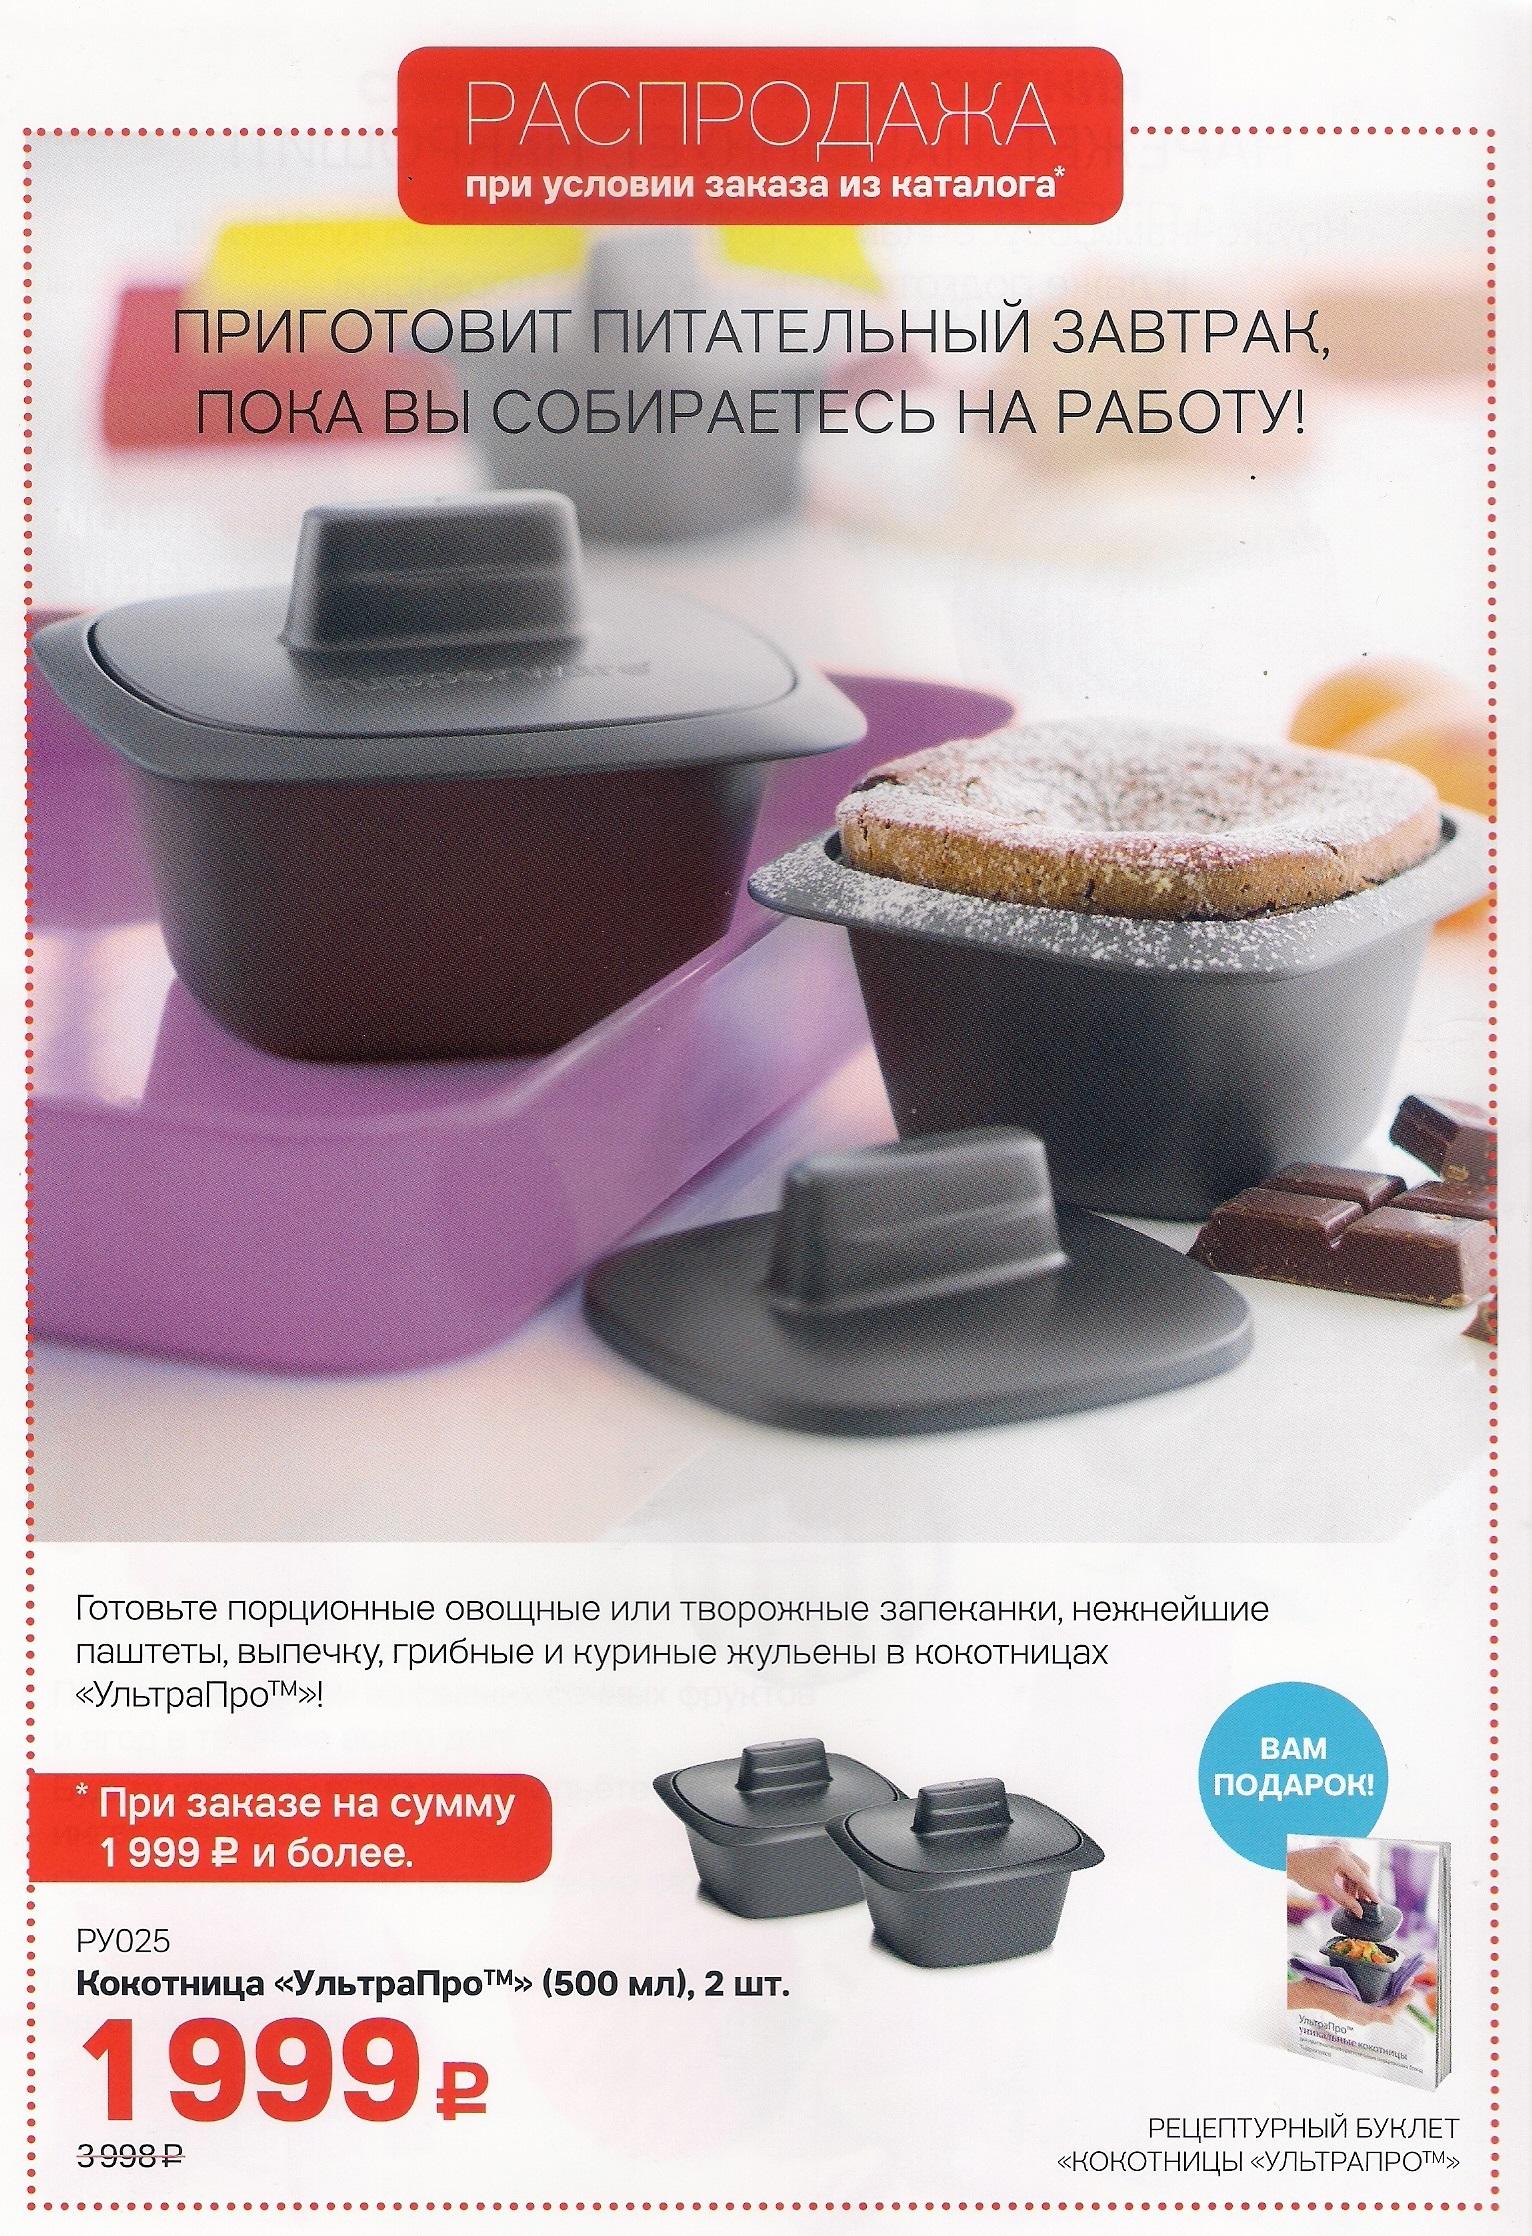 http://tupperware-online.ru/images/upload/7n.jpg